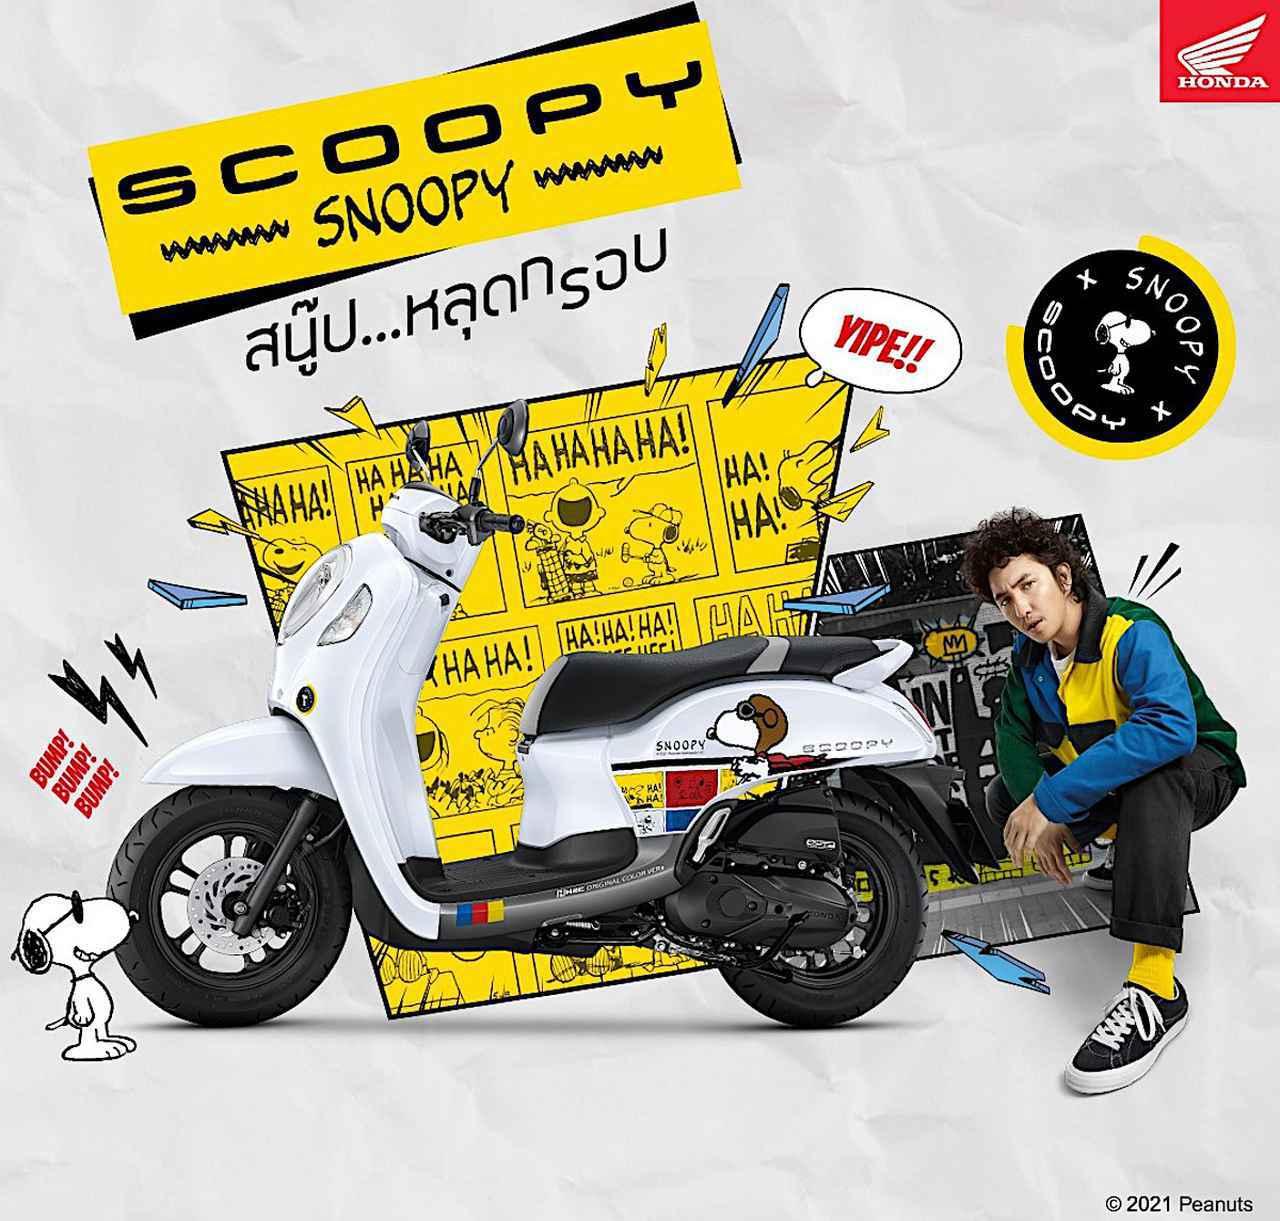 ホンダ「スクーピー・スヌーピー・リミテッドエディション」がタイで限定発売! 日本のファンも羨みそうな可愛らしいスクーター